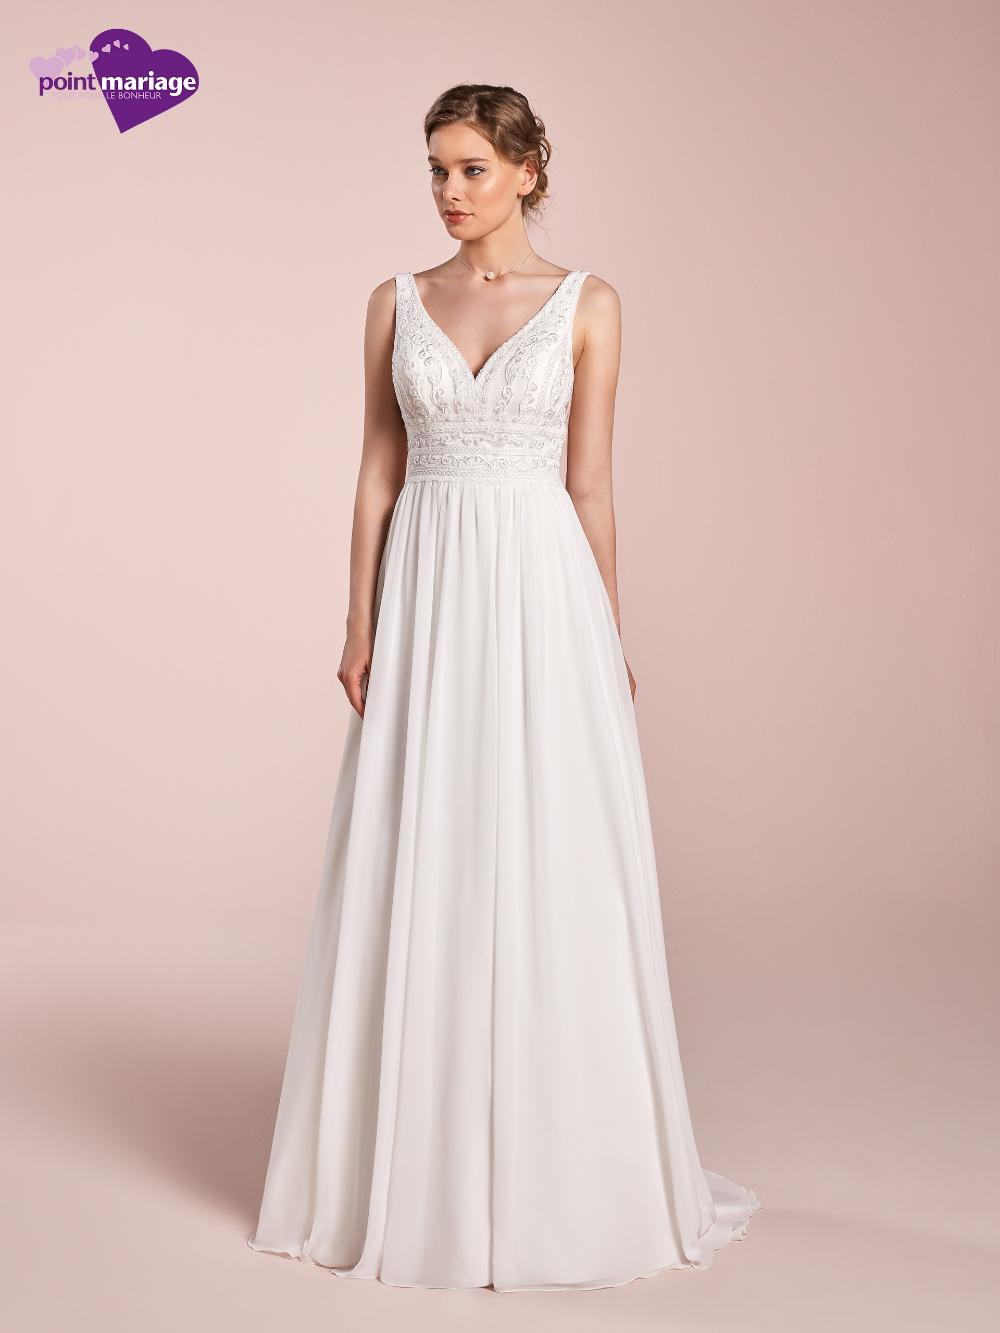 Épinglé sur Robe de mariée Collection 202